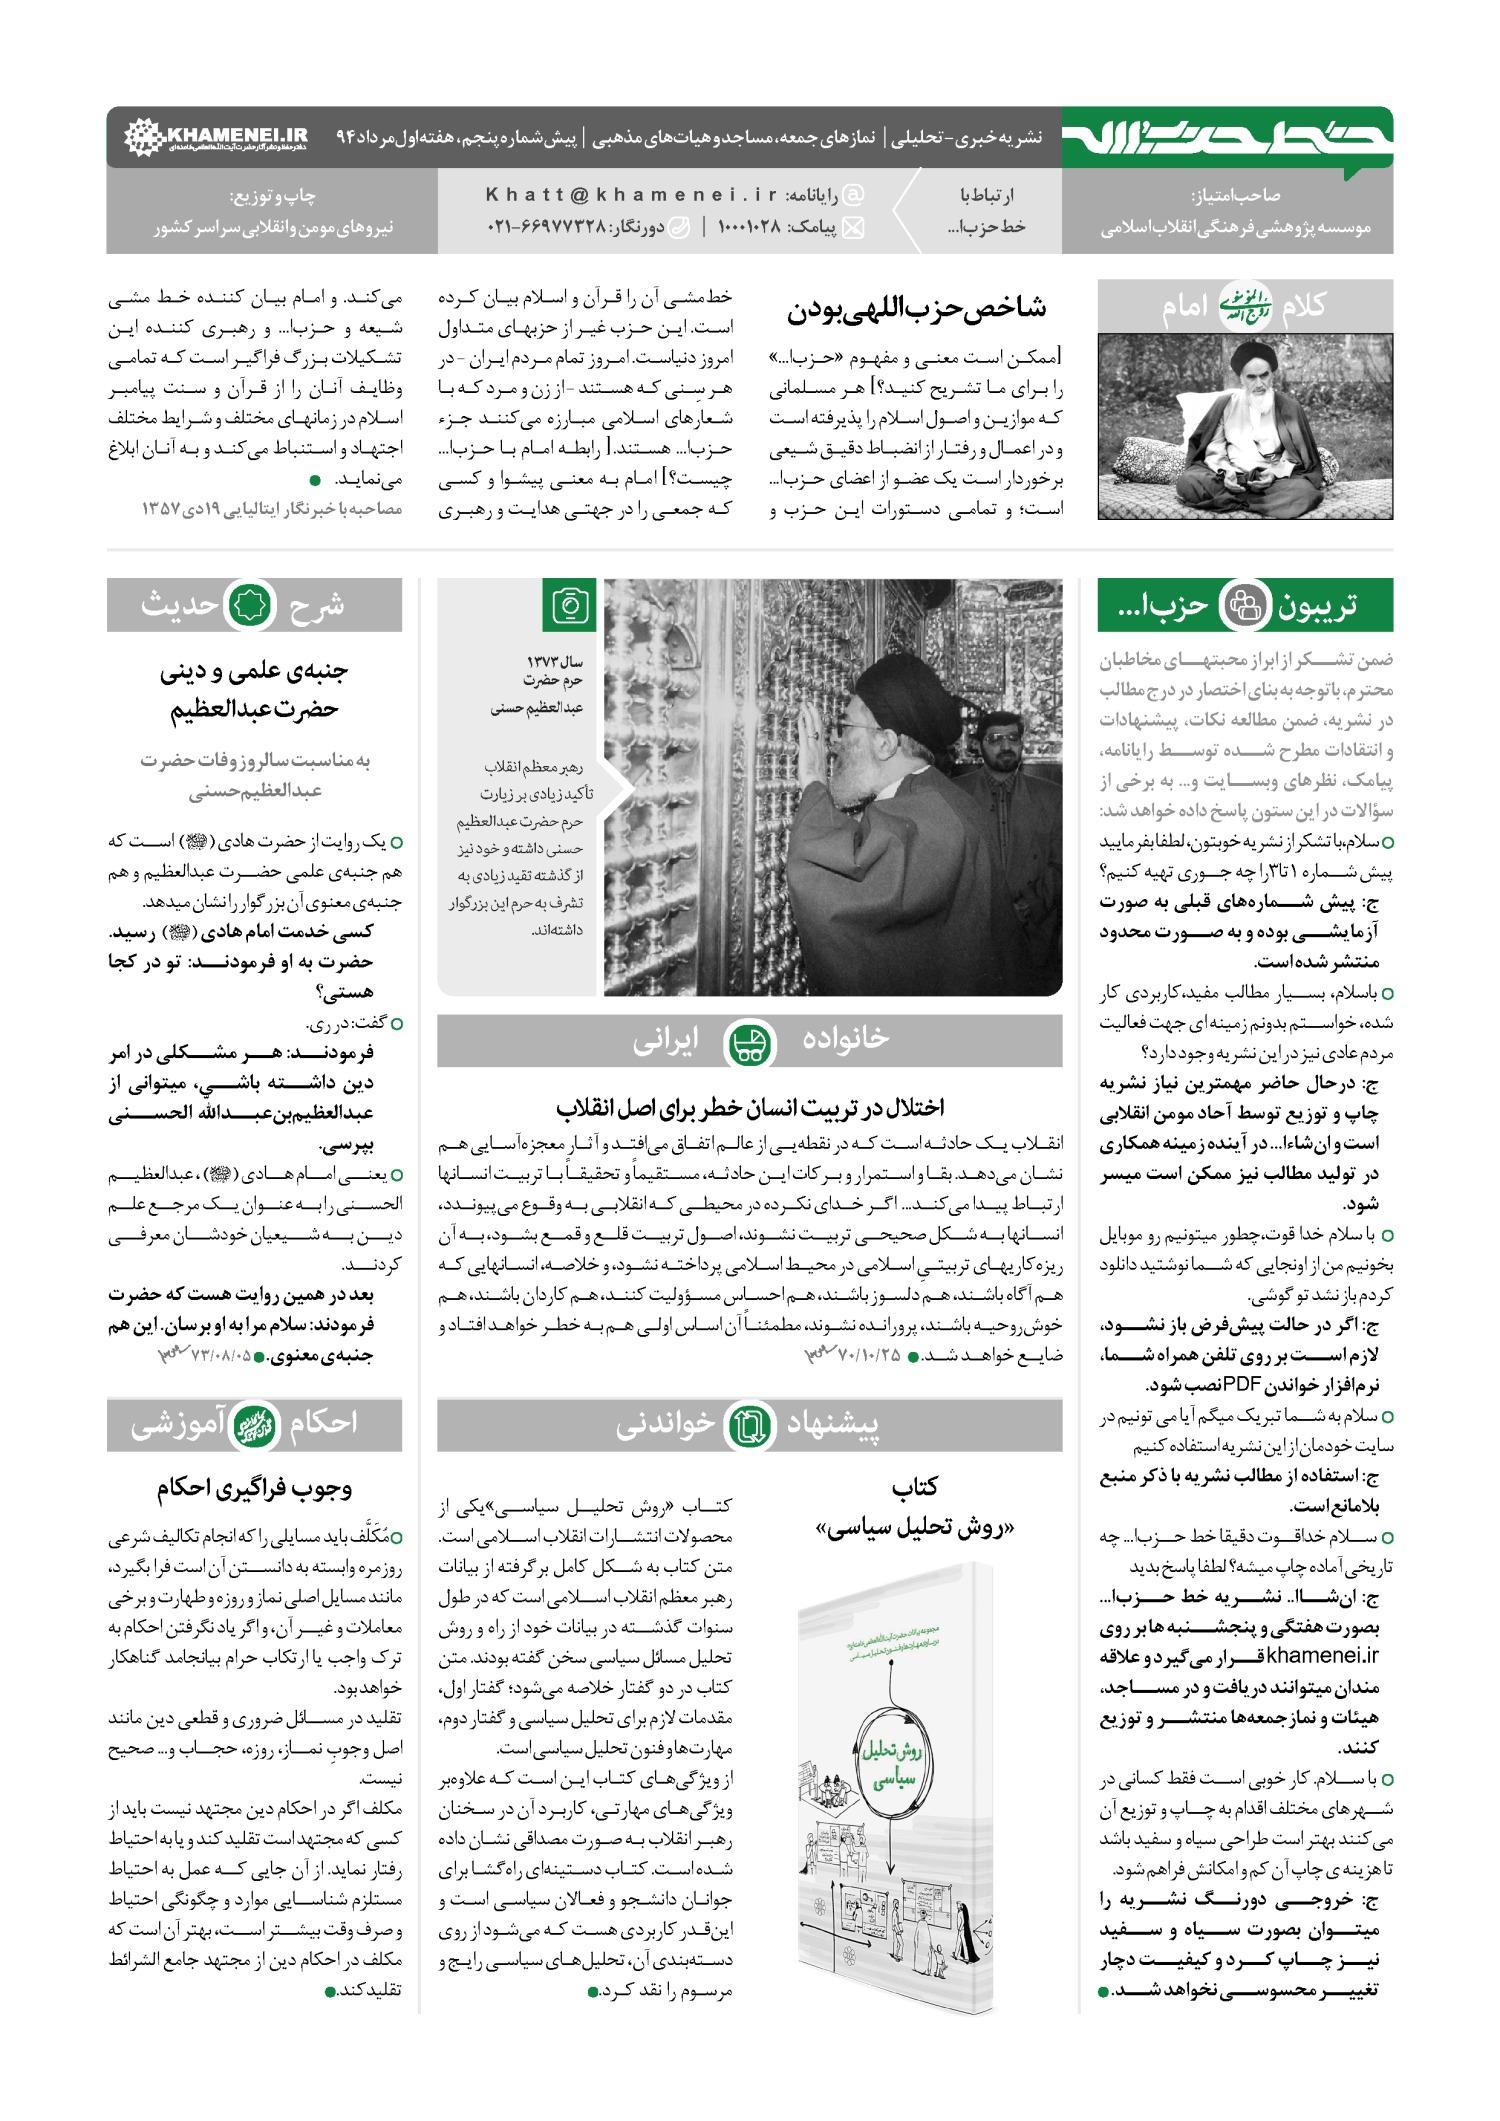 خط حزب الله -پیش شماره پنجم page large 411